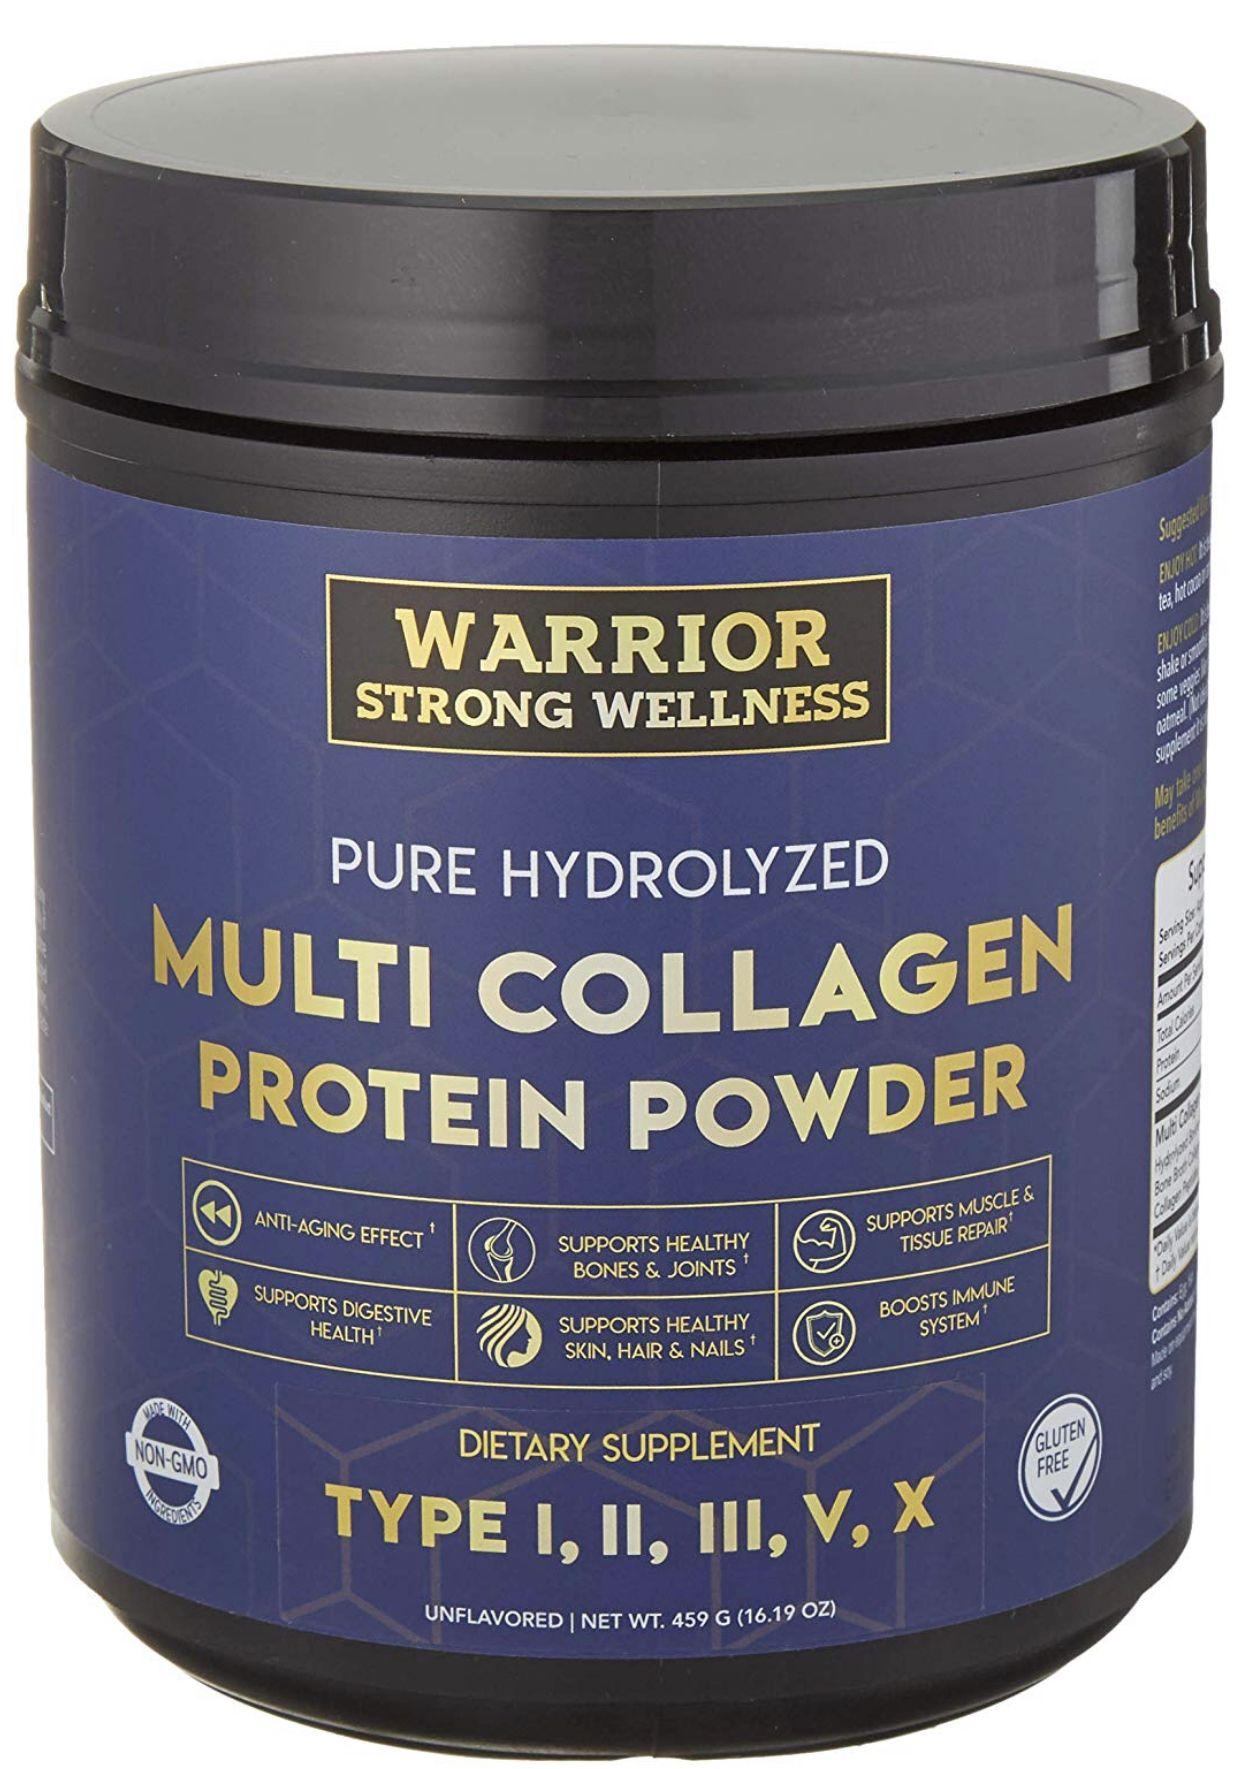 Pure Hydrolyzed MultiCollagen Protein Powder Collagen